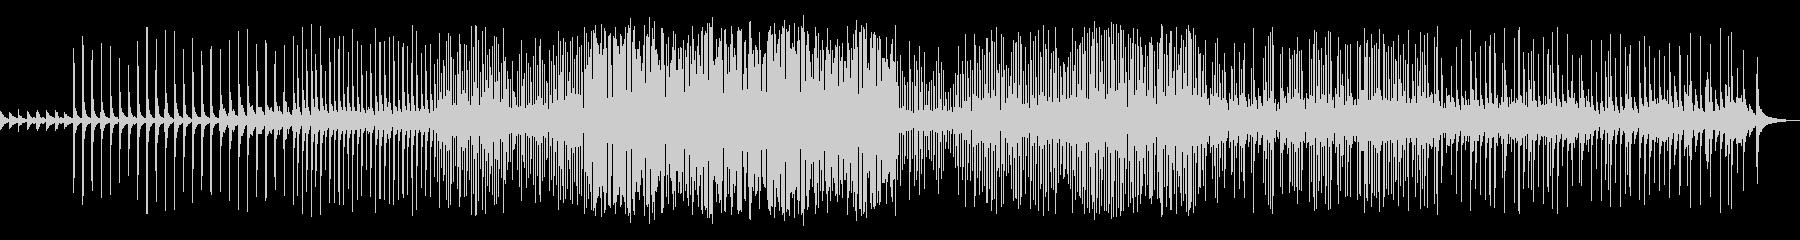 三味線が奏でる和風パッヘルベルのカノンの未再生の波形